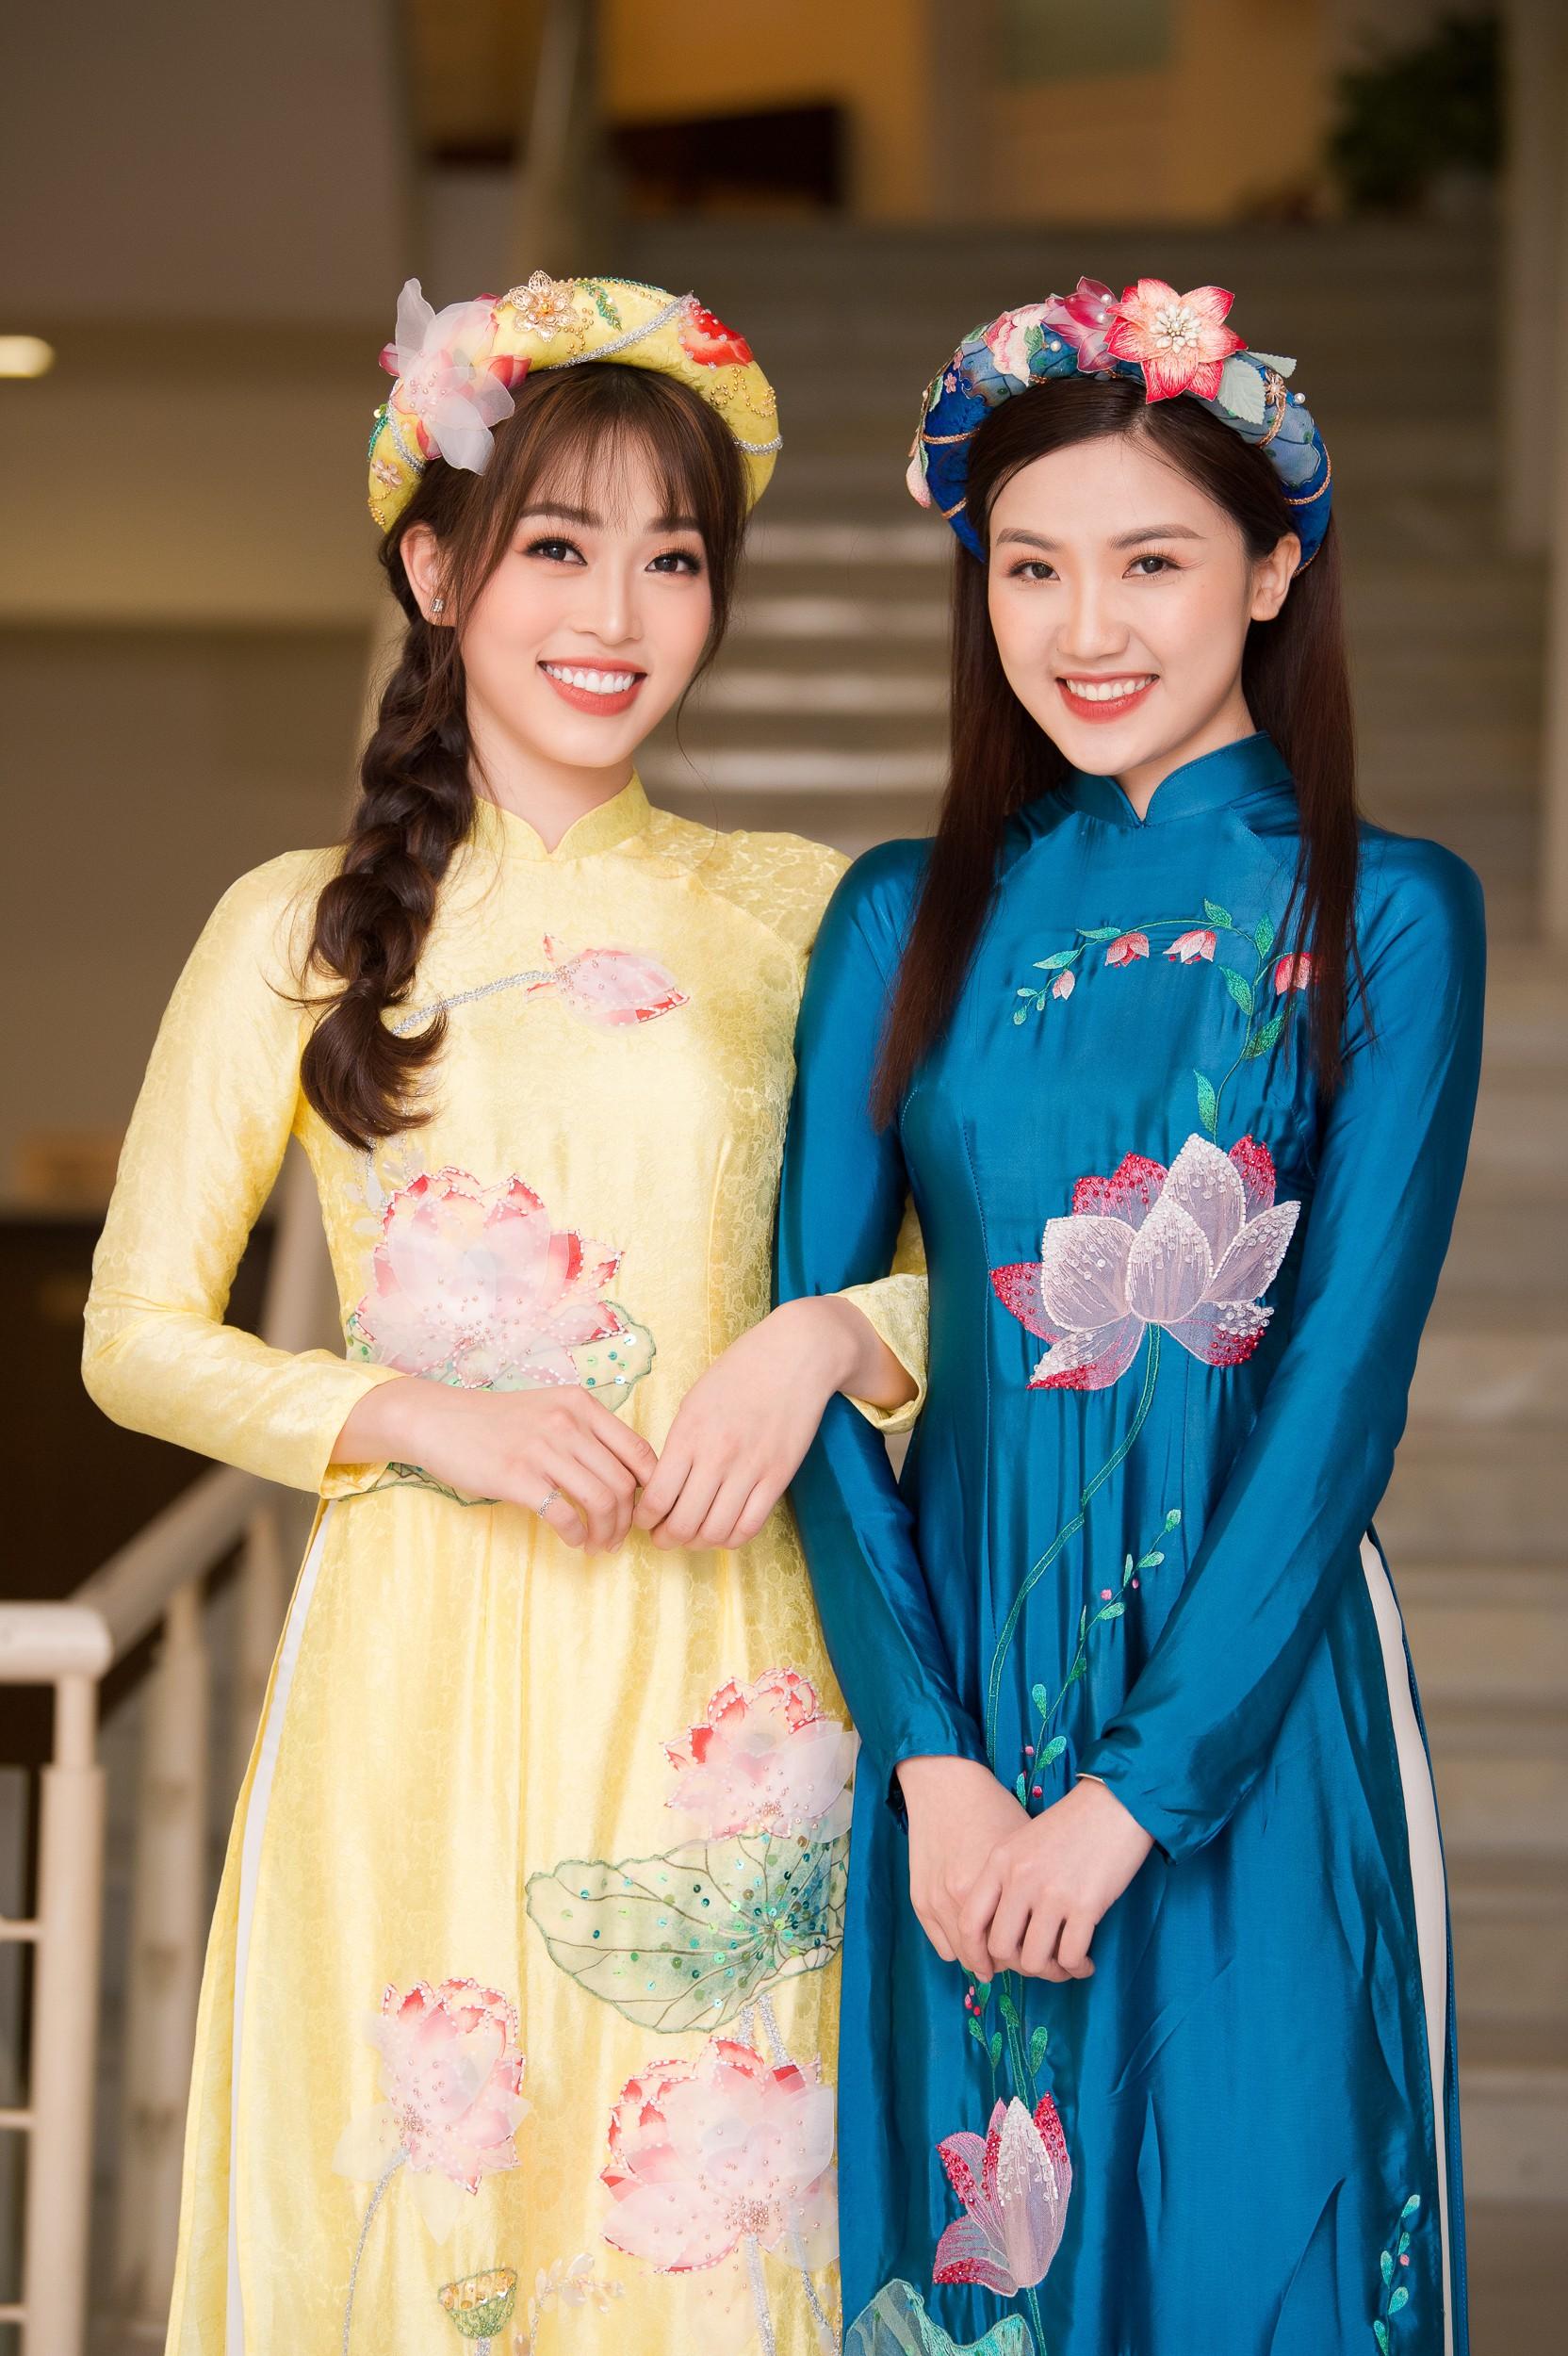 Phương Nga diện áo dài nền nã, thân thiết khi đụng độ bạn gái màn ảnh của Bình An - Ảnh 4.